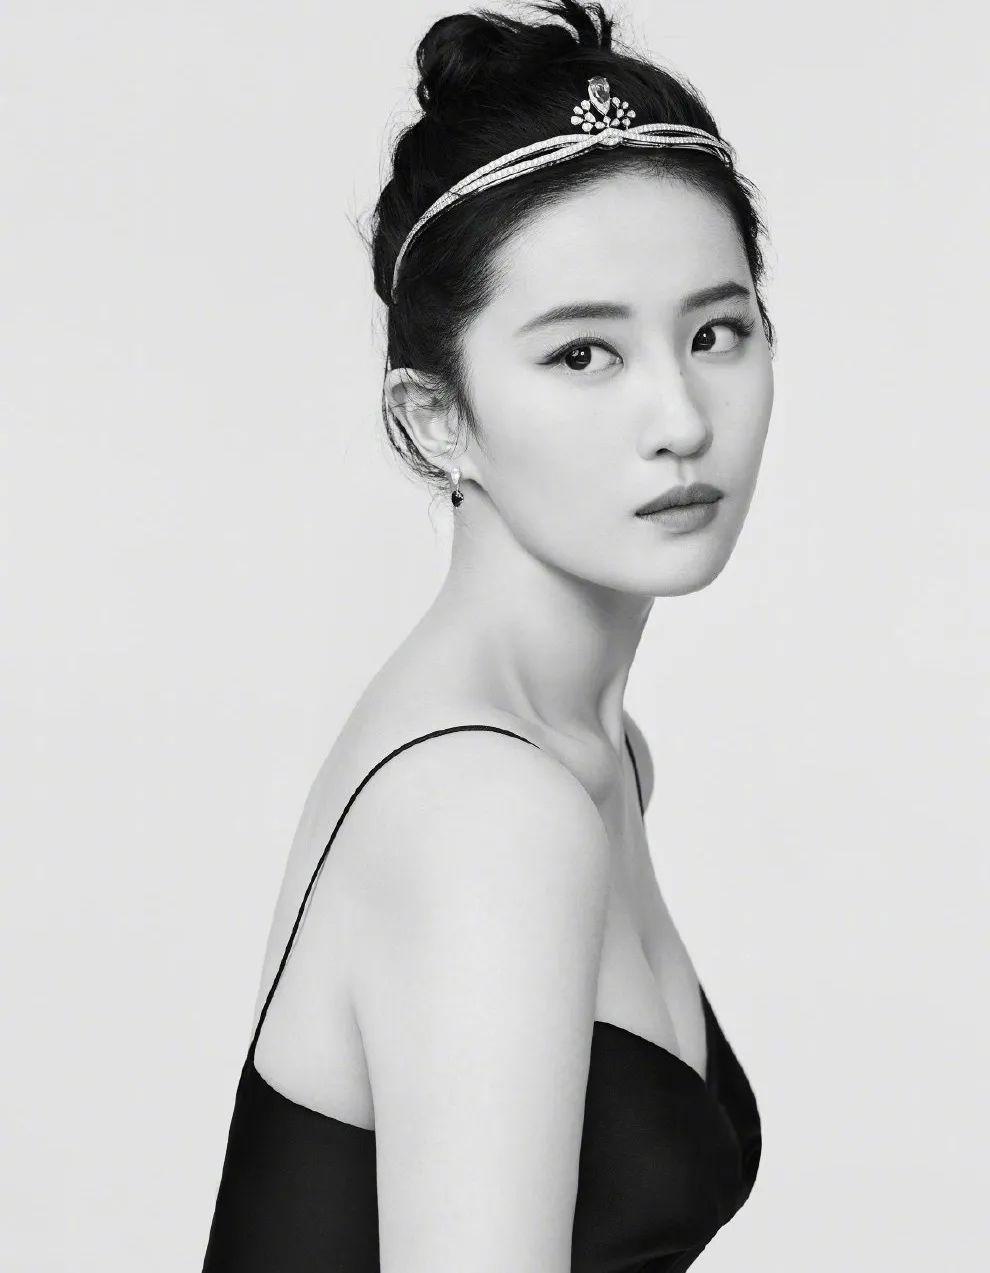 妹子写真 – 女王范的刘亦菲和傻白甜的赖美云,你更喜欢哪一位?_图片 No.1